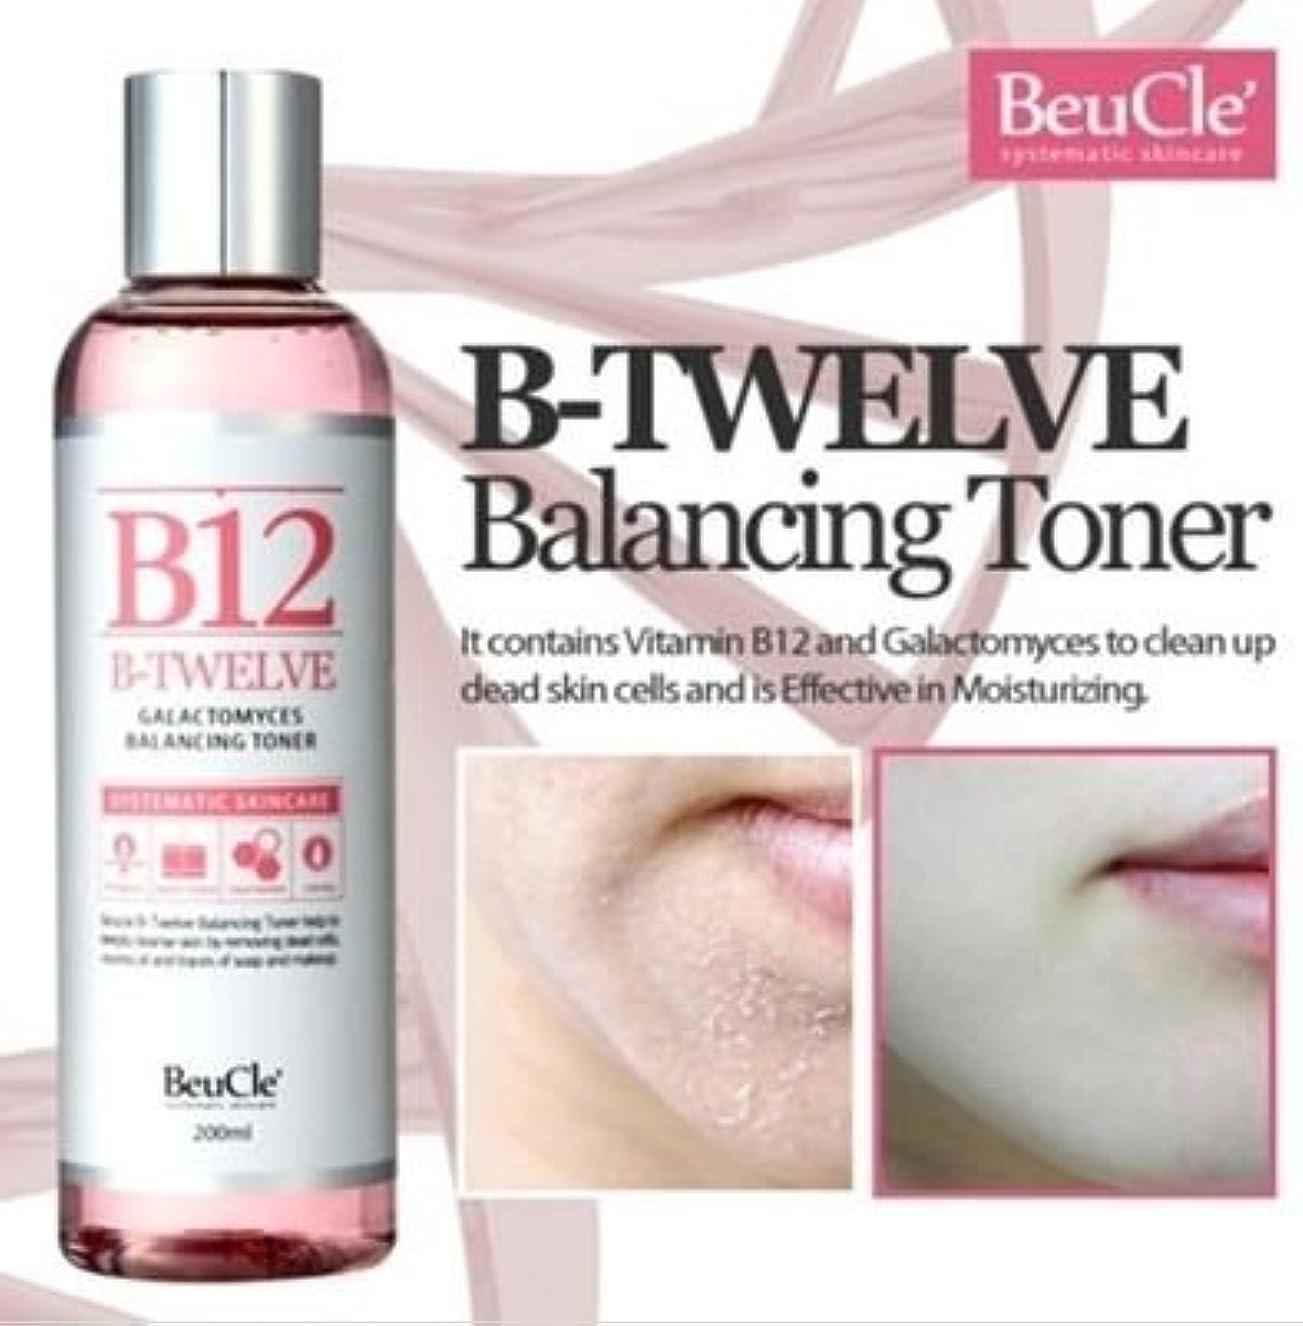 ジャーナル研磨かまど[ビュクレ] BeuCle' [B12ガラクトミセスバランシングトナー]B12 Galactomyces Balancing Toner] 敏感肌でもOK角質拭き取り化粧水 [並行輸入品]